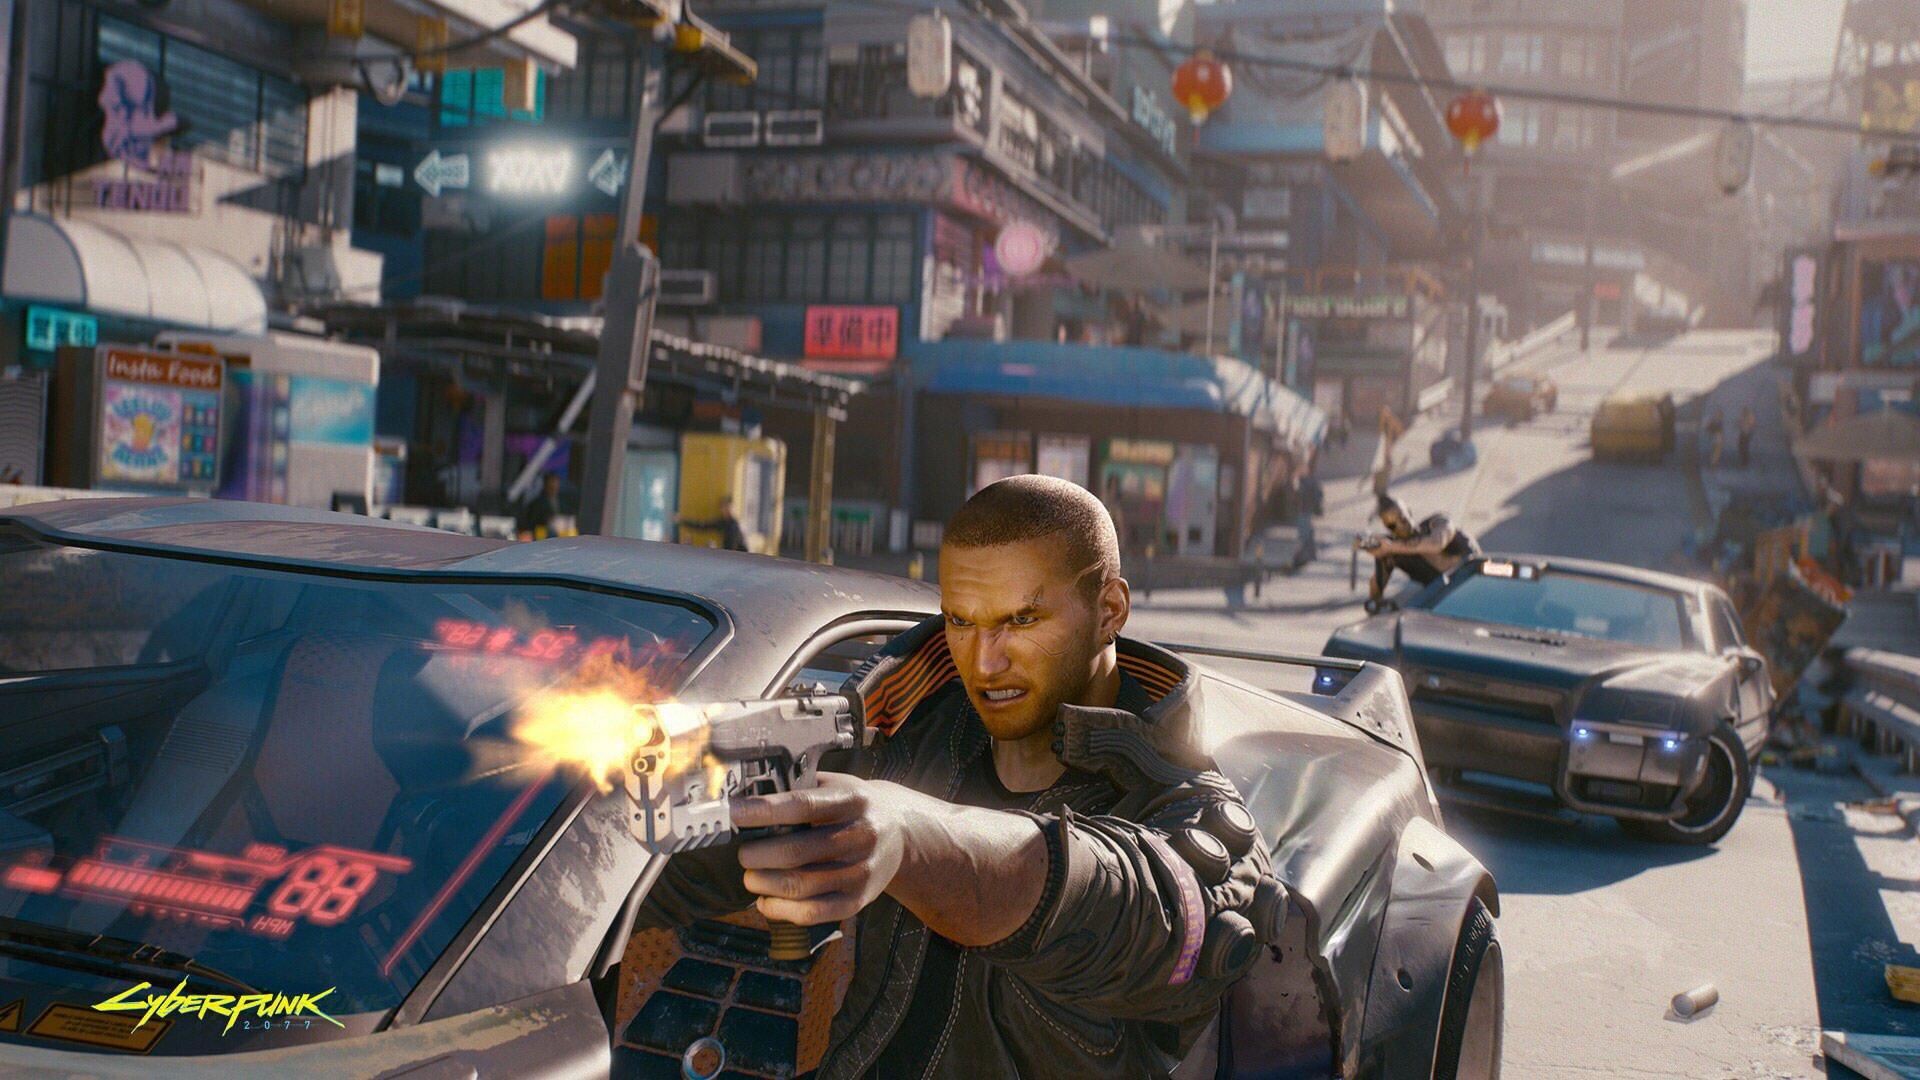 گیم پلی بازی Cyberpunk 2077 و مردی که در خیابان از داخل ماشین به سمت بیرون با تفنگ شلیک میکند